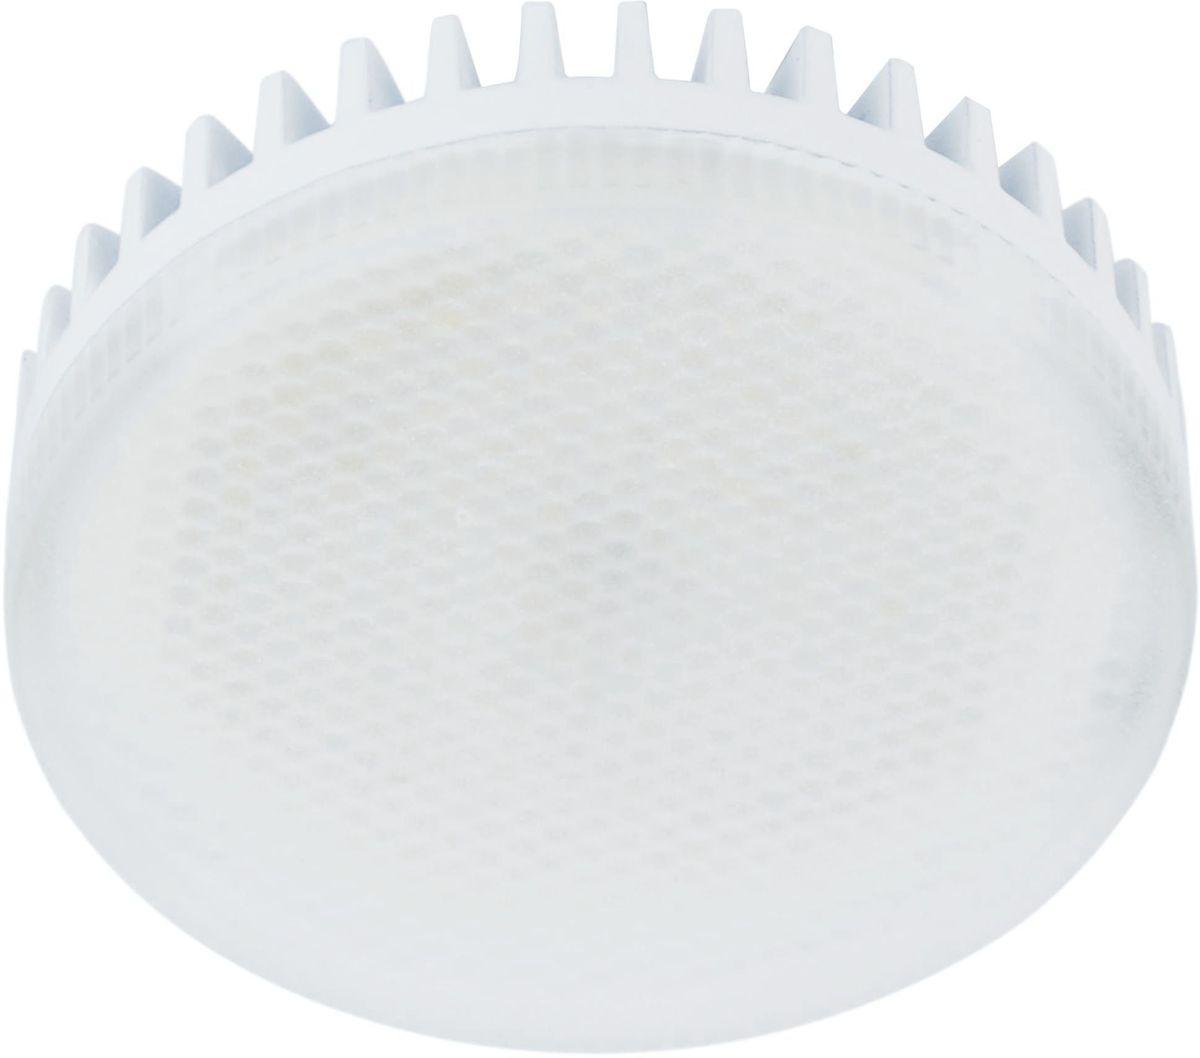 Лампа светодиодная REV, теплый свет, цоколь GX53, 10W32567 3Энергосберегающая светодиодная лампа в форме шайба теплого свечения. Потребляемая мощность 10Вт. Интенсивность свечения аналогична обычной лампе накаливания мощностью 100Вт. Цоколь GX53. Срок службы 30000 час. Световой поток 800Лм, цветовая температура 3000К.